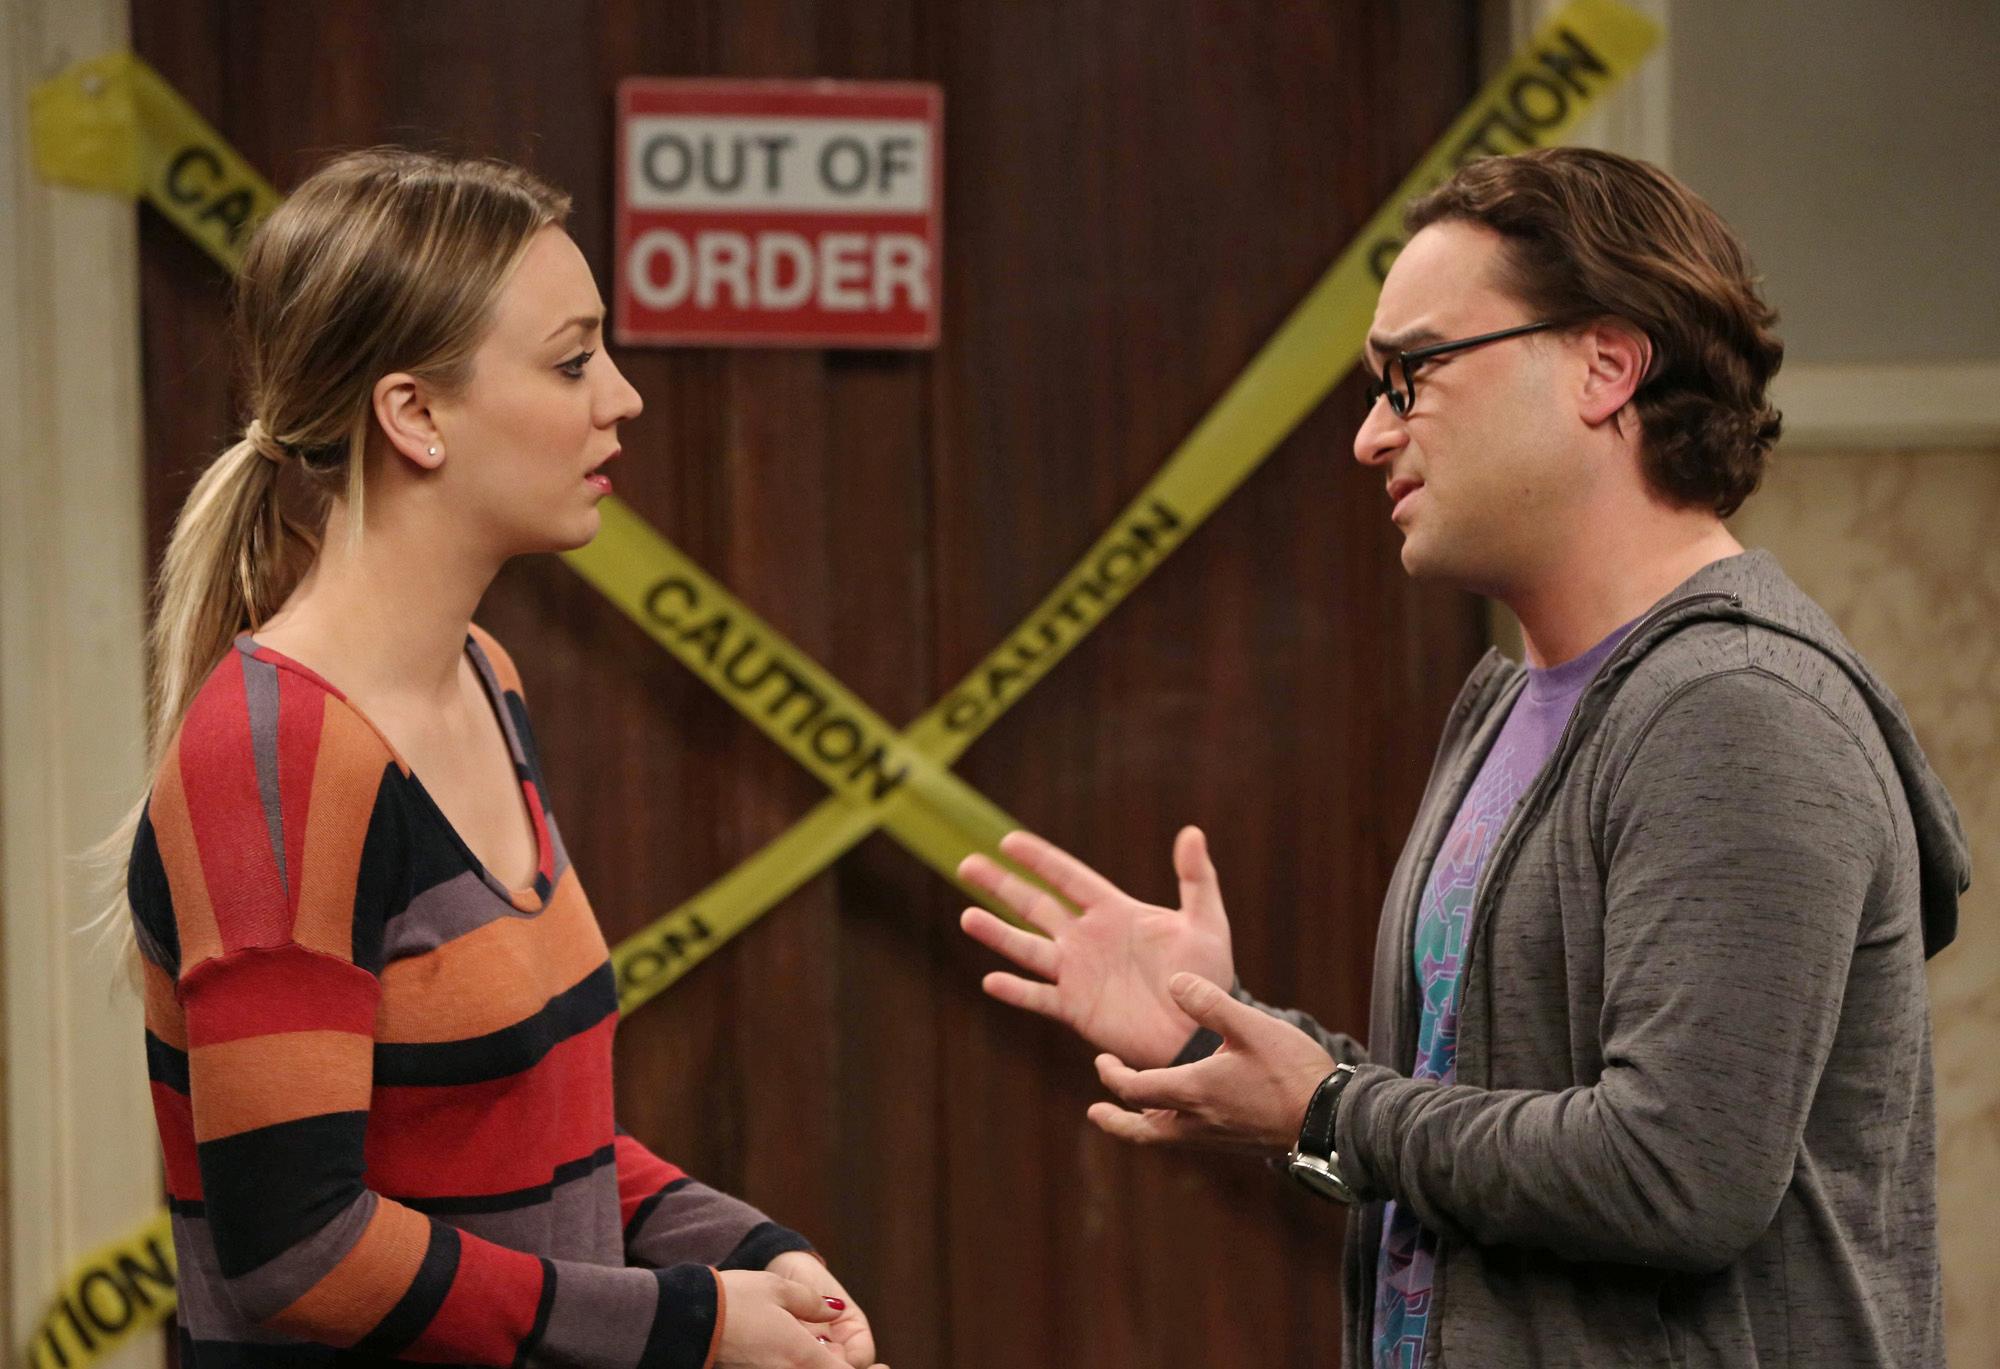 9. Leonard Hofstadter - The Big Bang Theory